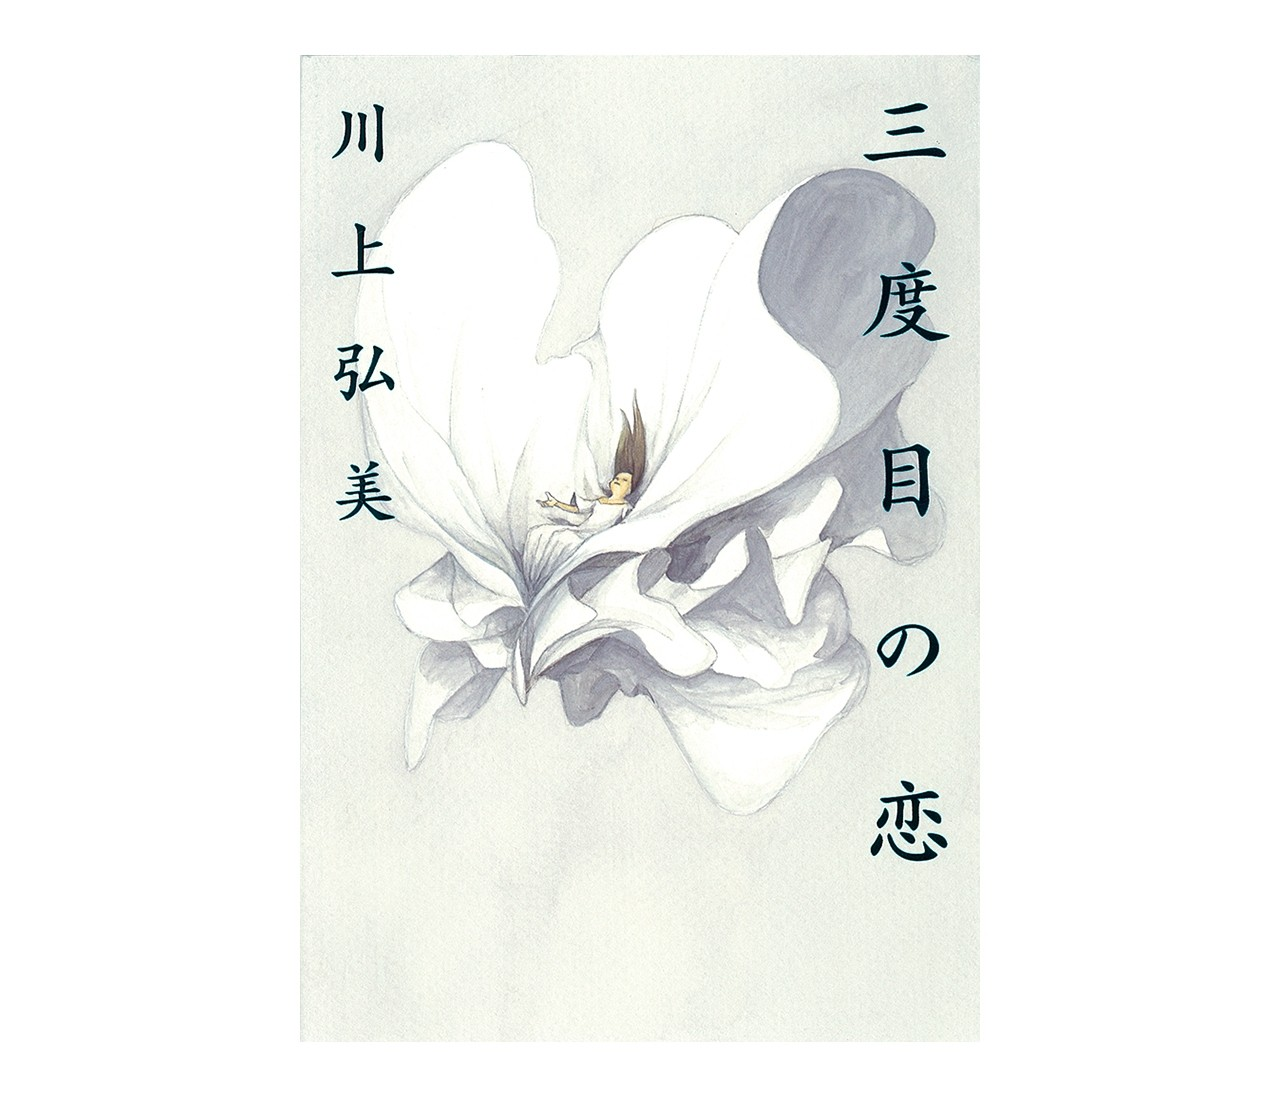 休み中に読みたい一冊!川上弘美の『三度目の恋』をレビュー【30代におすすめの本】